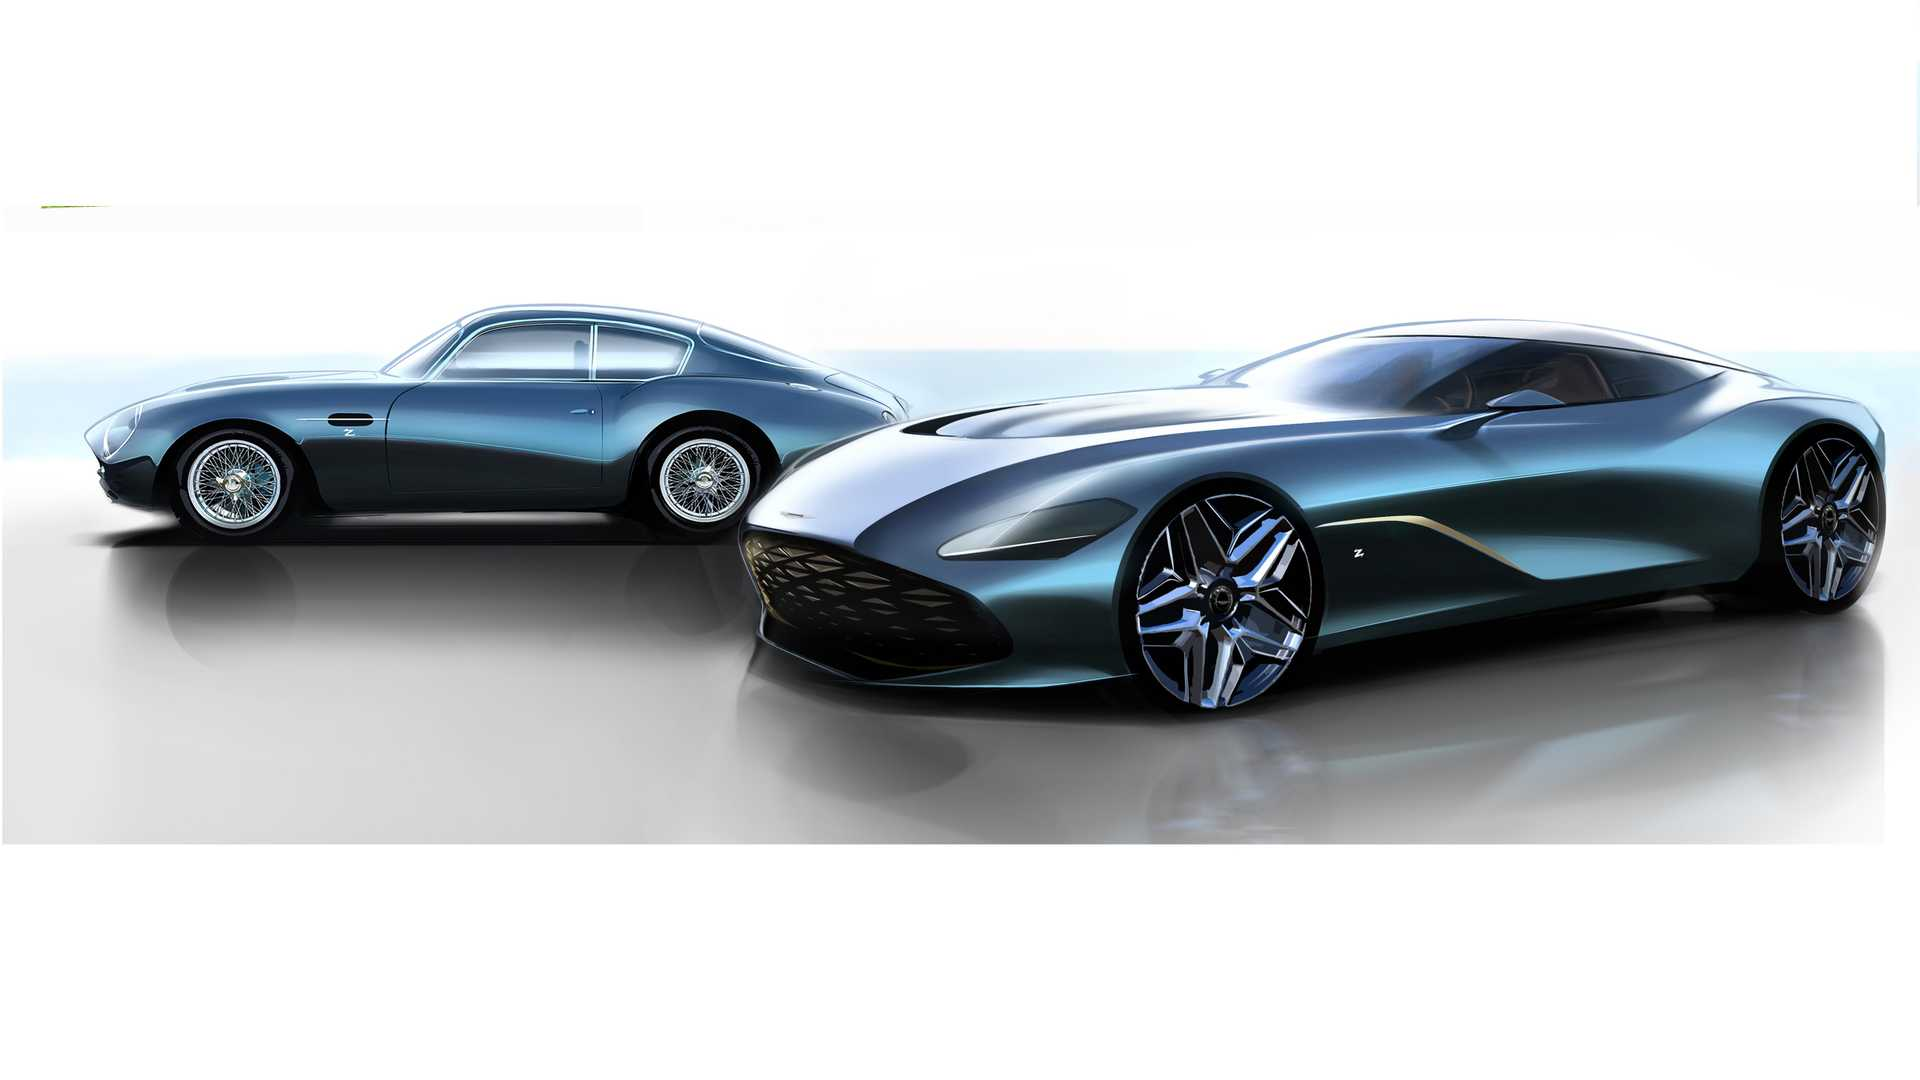 Aston Martin DB4 GT Zagato Continuation e DBS GT Zagato